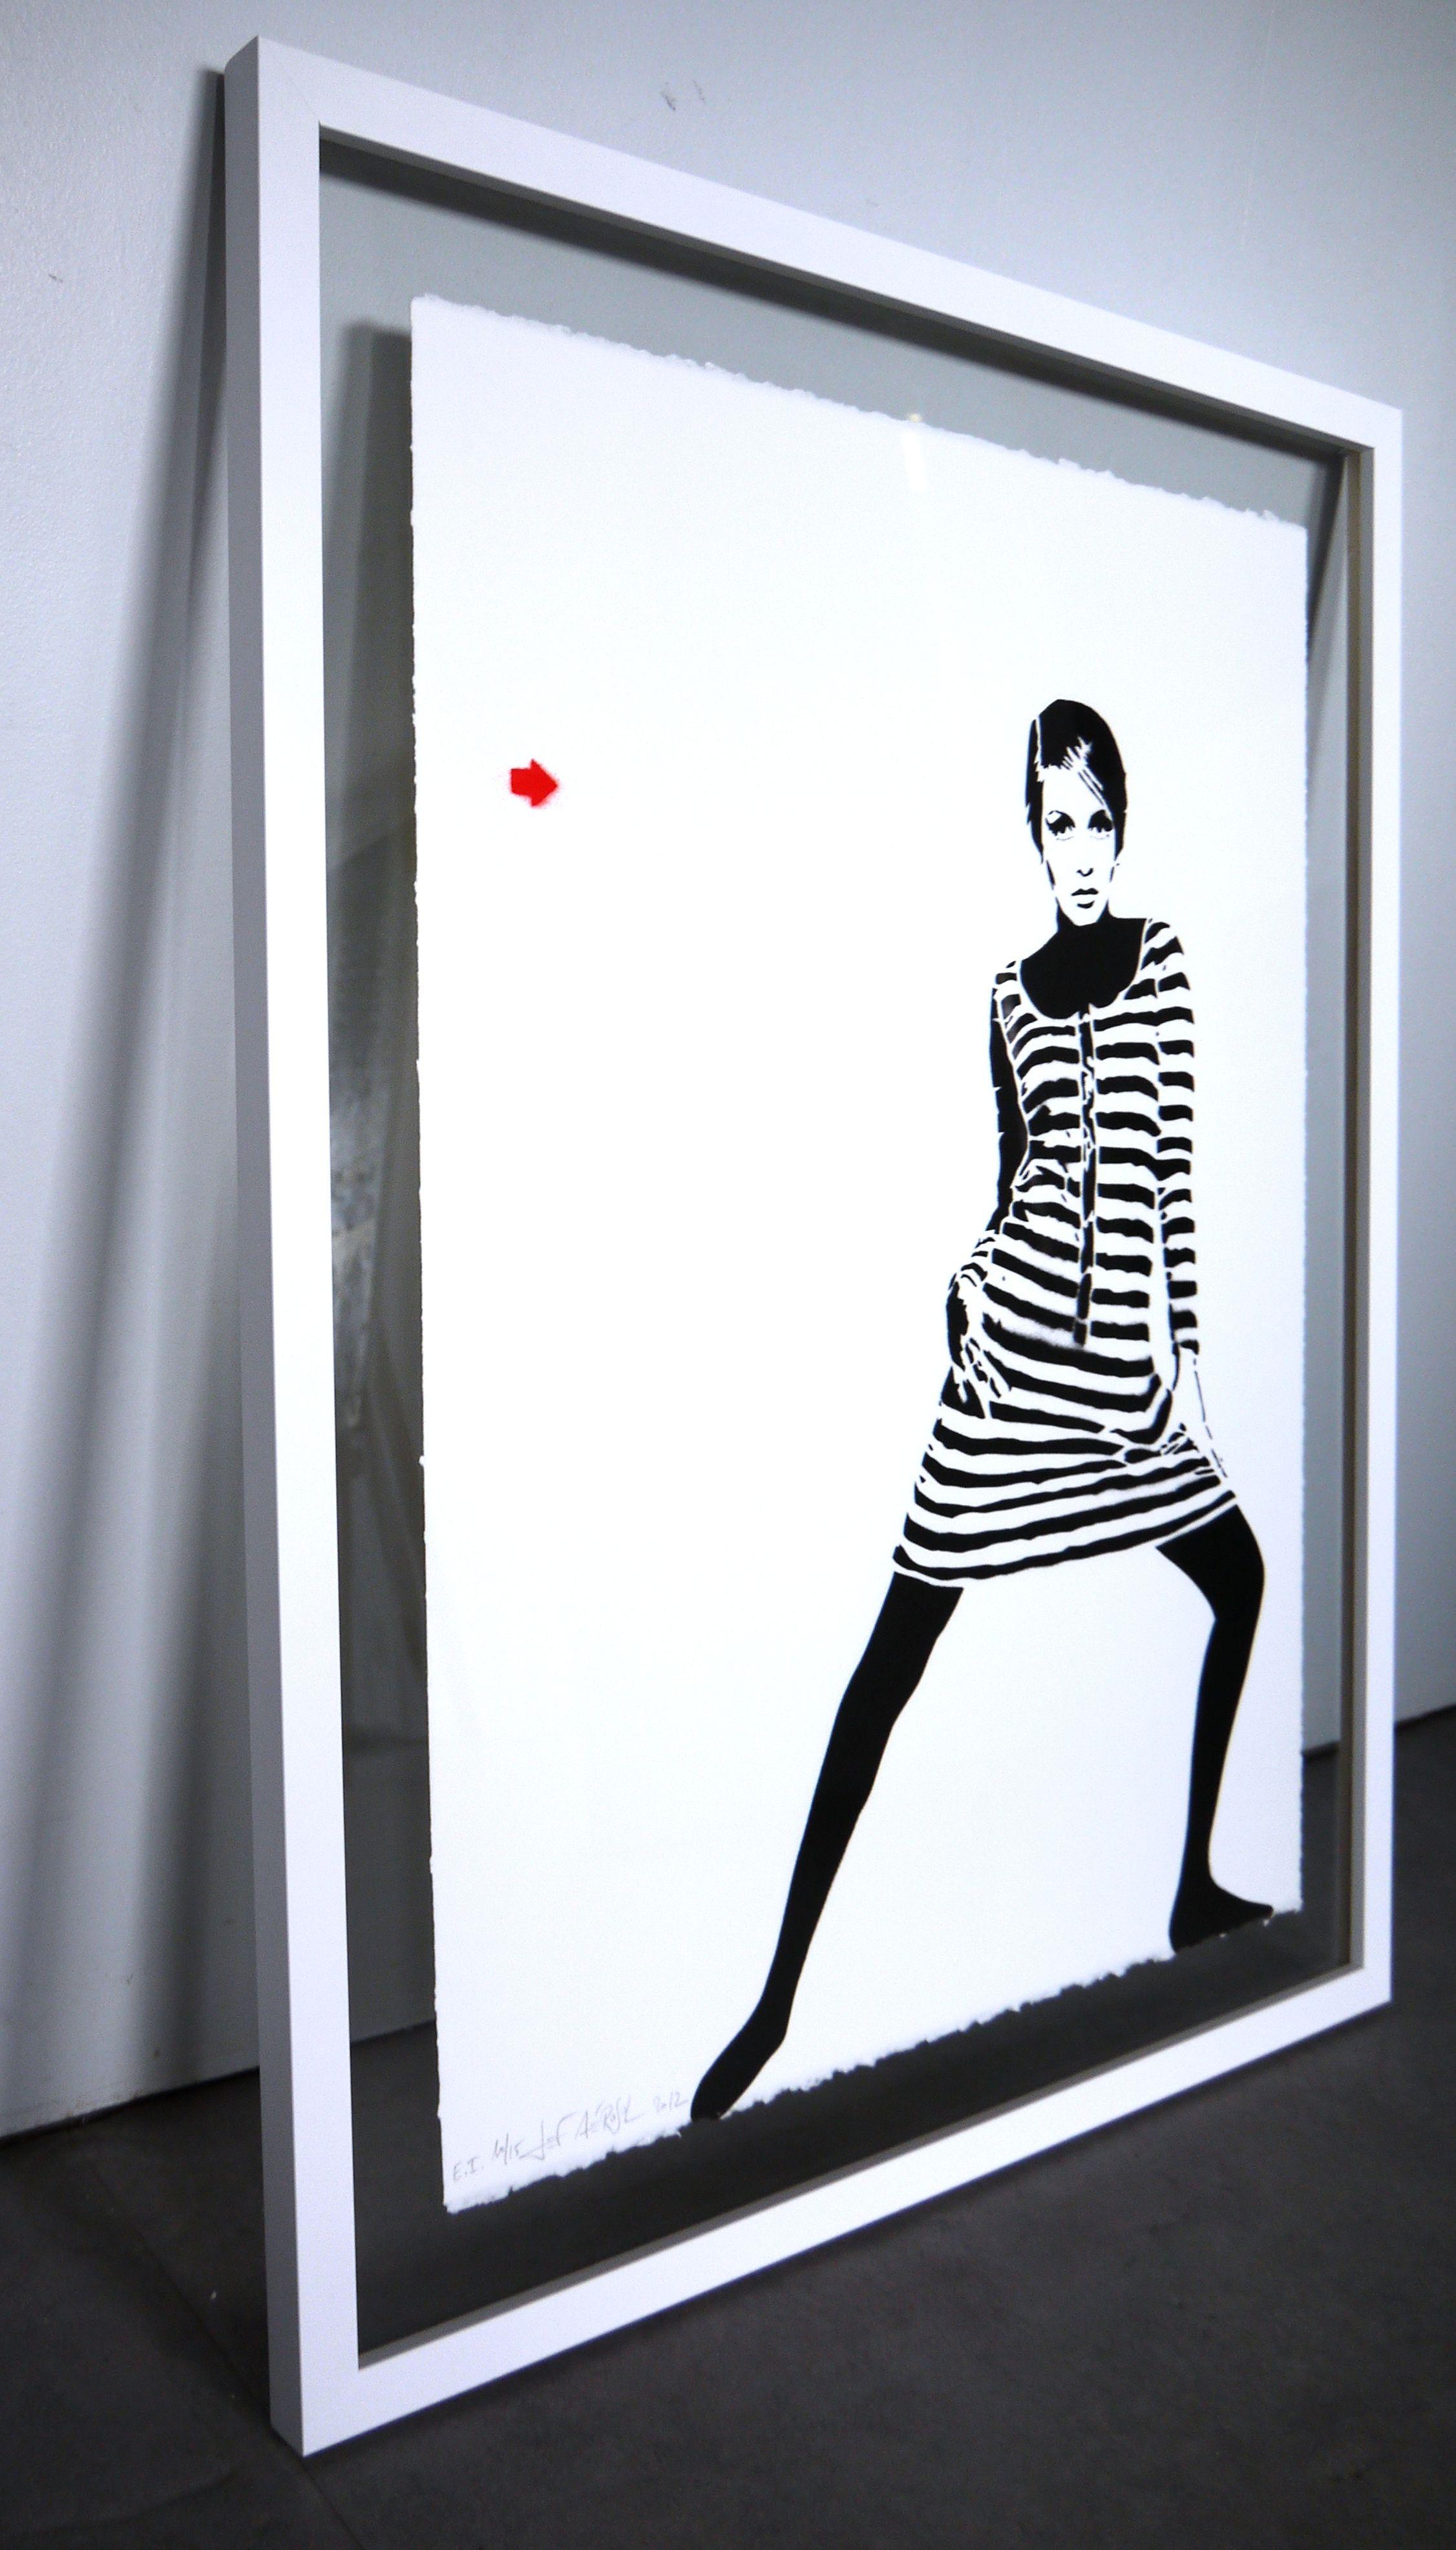 Lithographie Jef Aerol Entre 2 Verres Encadrement Realise Par Isabelle Www Atelier Encadrement Com Encadrement Artisanal S Plaque De Verre Verre Encadrement